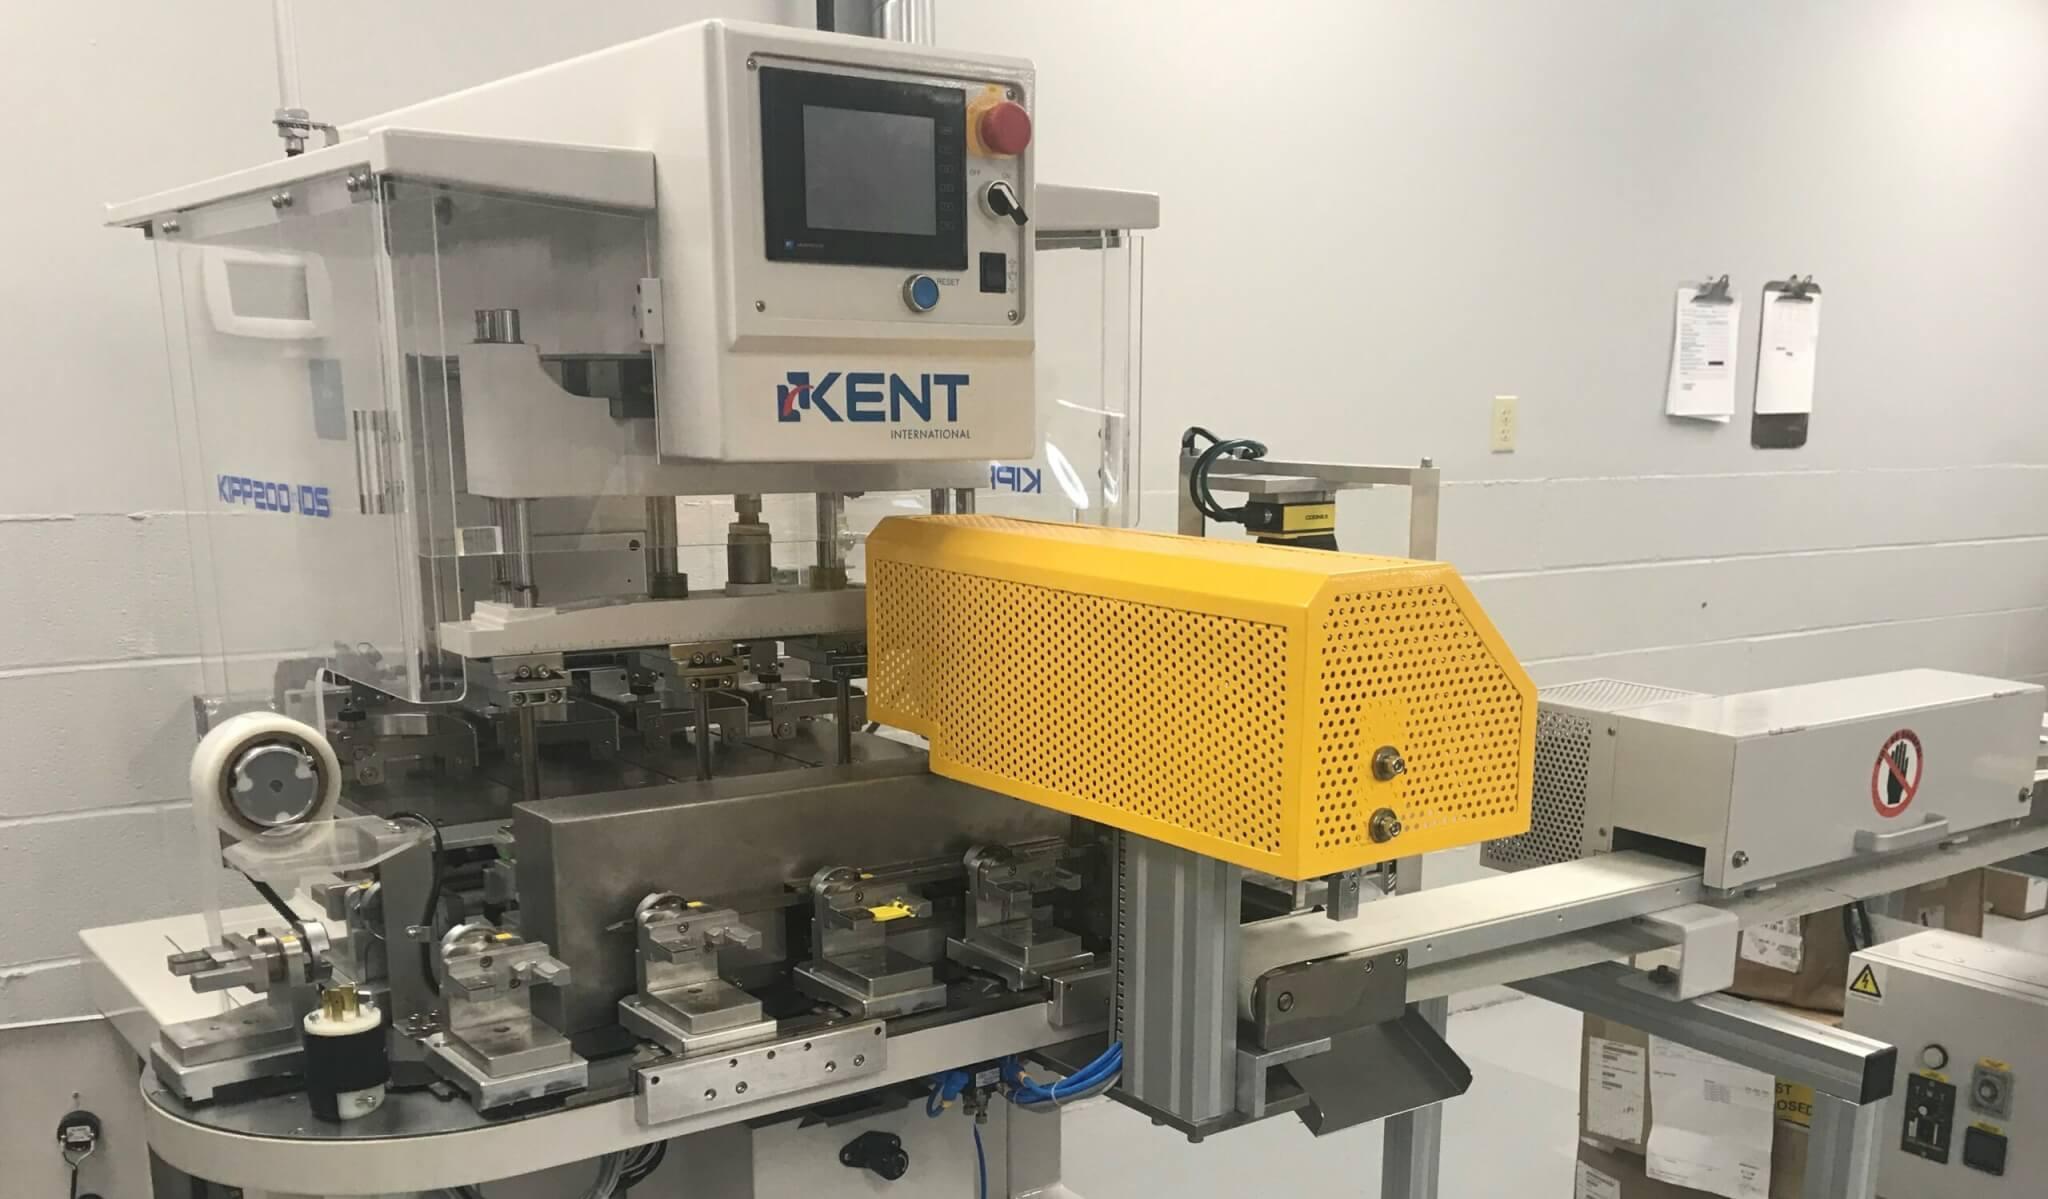 Kent Rotate parts